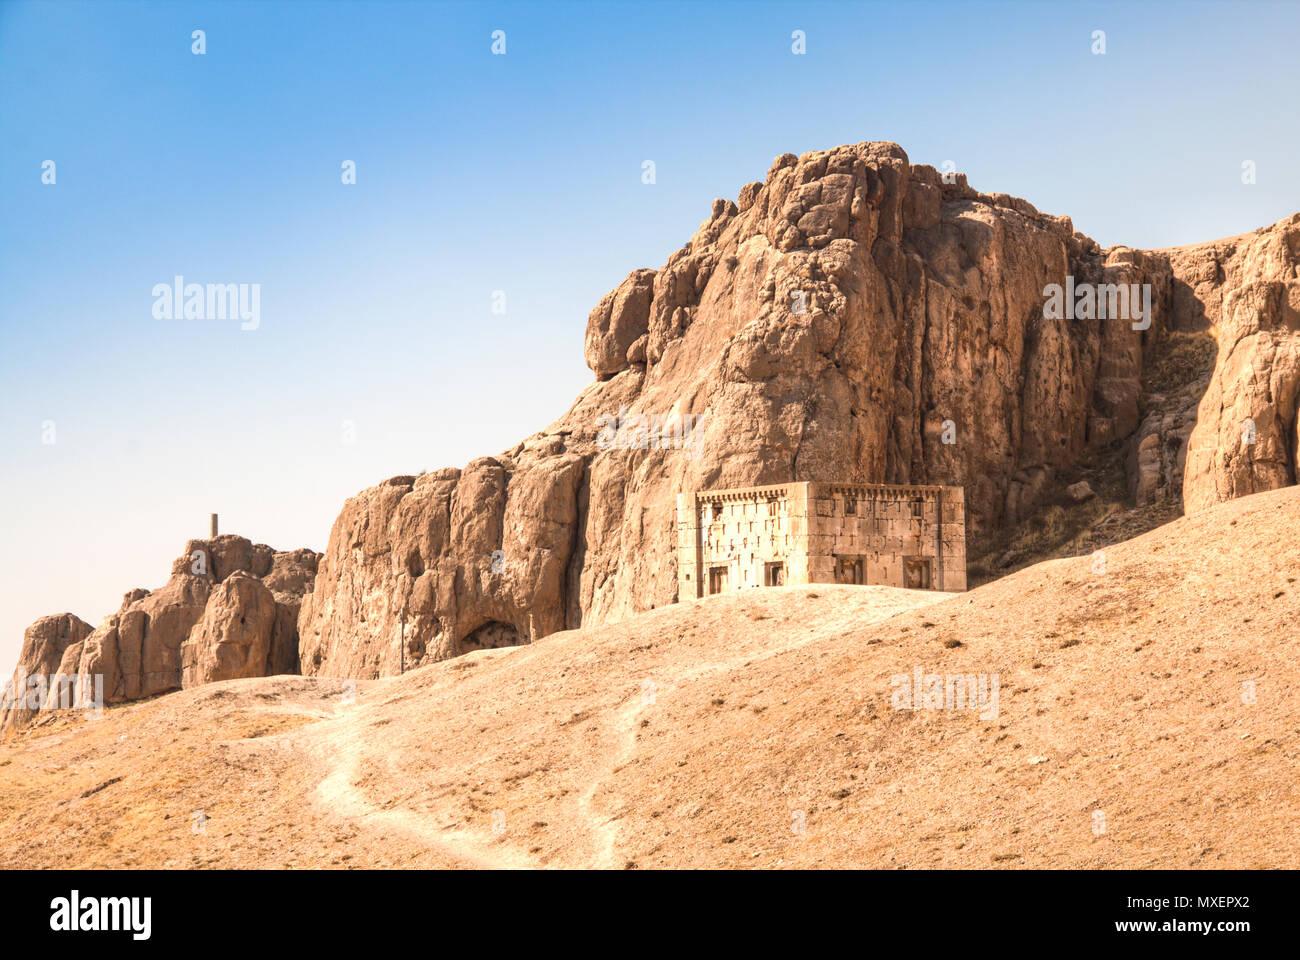 La antigua ciudad de Persépolis fue una vez la capital del imperio aqueménido y ahora es patrimonio de la UNESCO. El sitio se pueden encontrar cerca de Shiraz en Irán Imagen De Stock